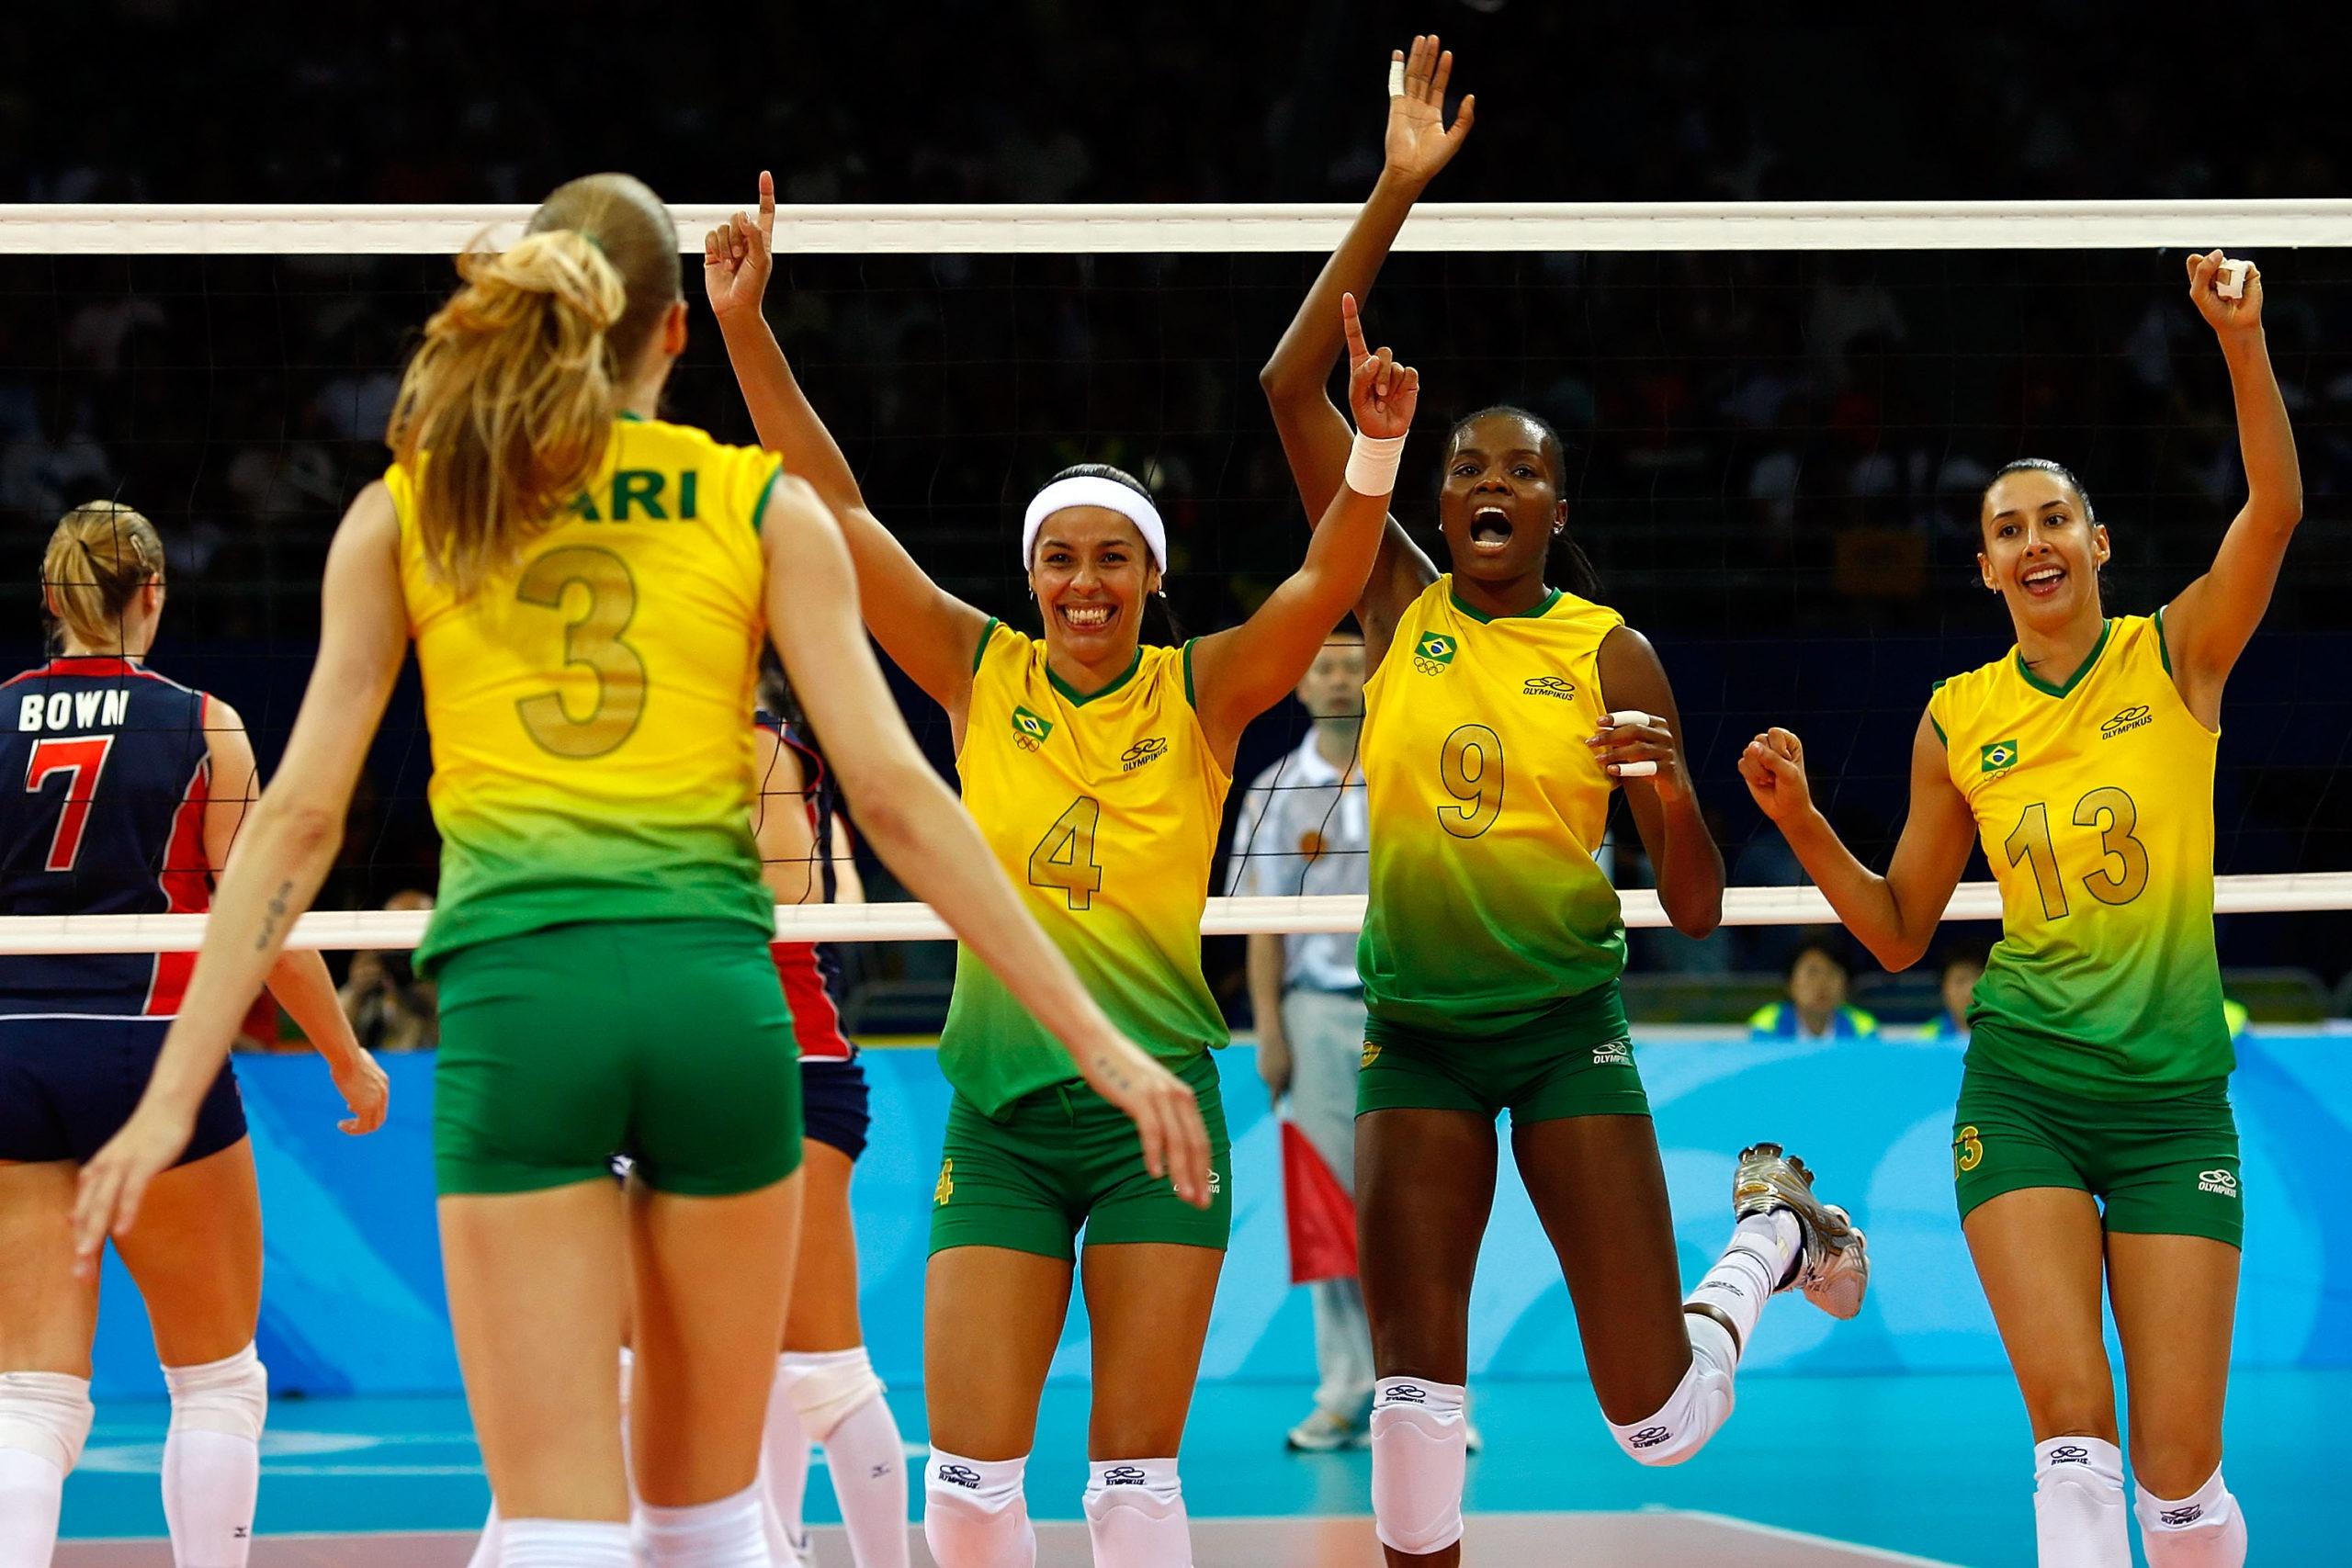 Vôlei feminino: veja o histórico olímpico das seleções classificadas para Tóquio 2020